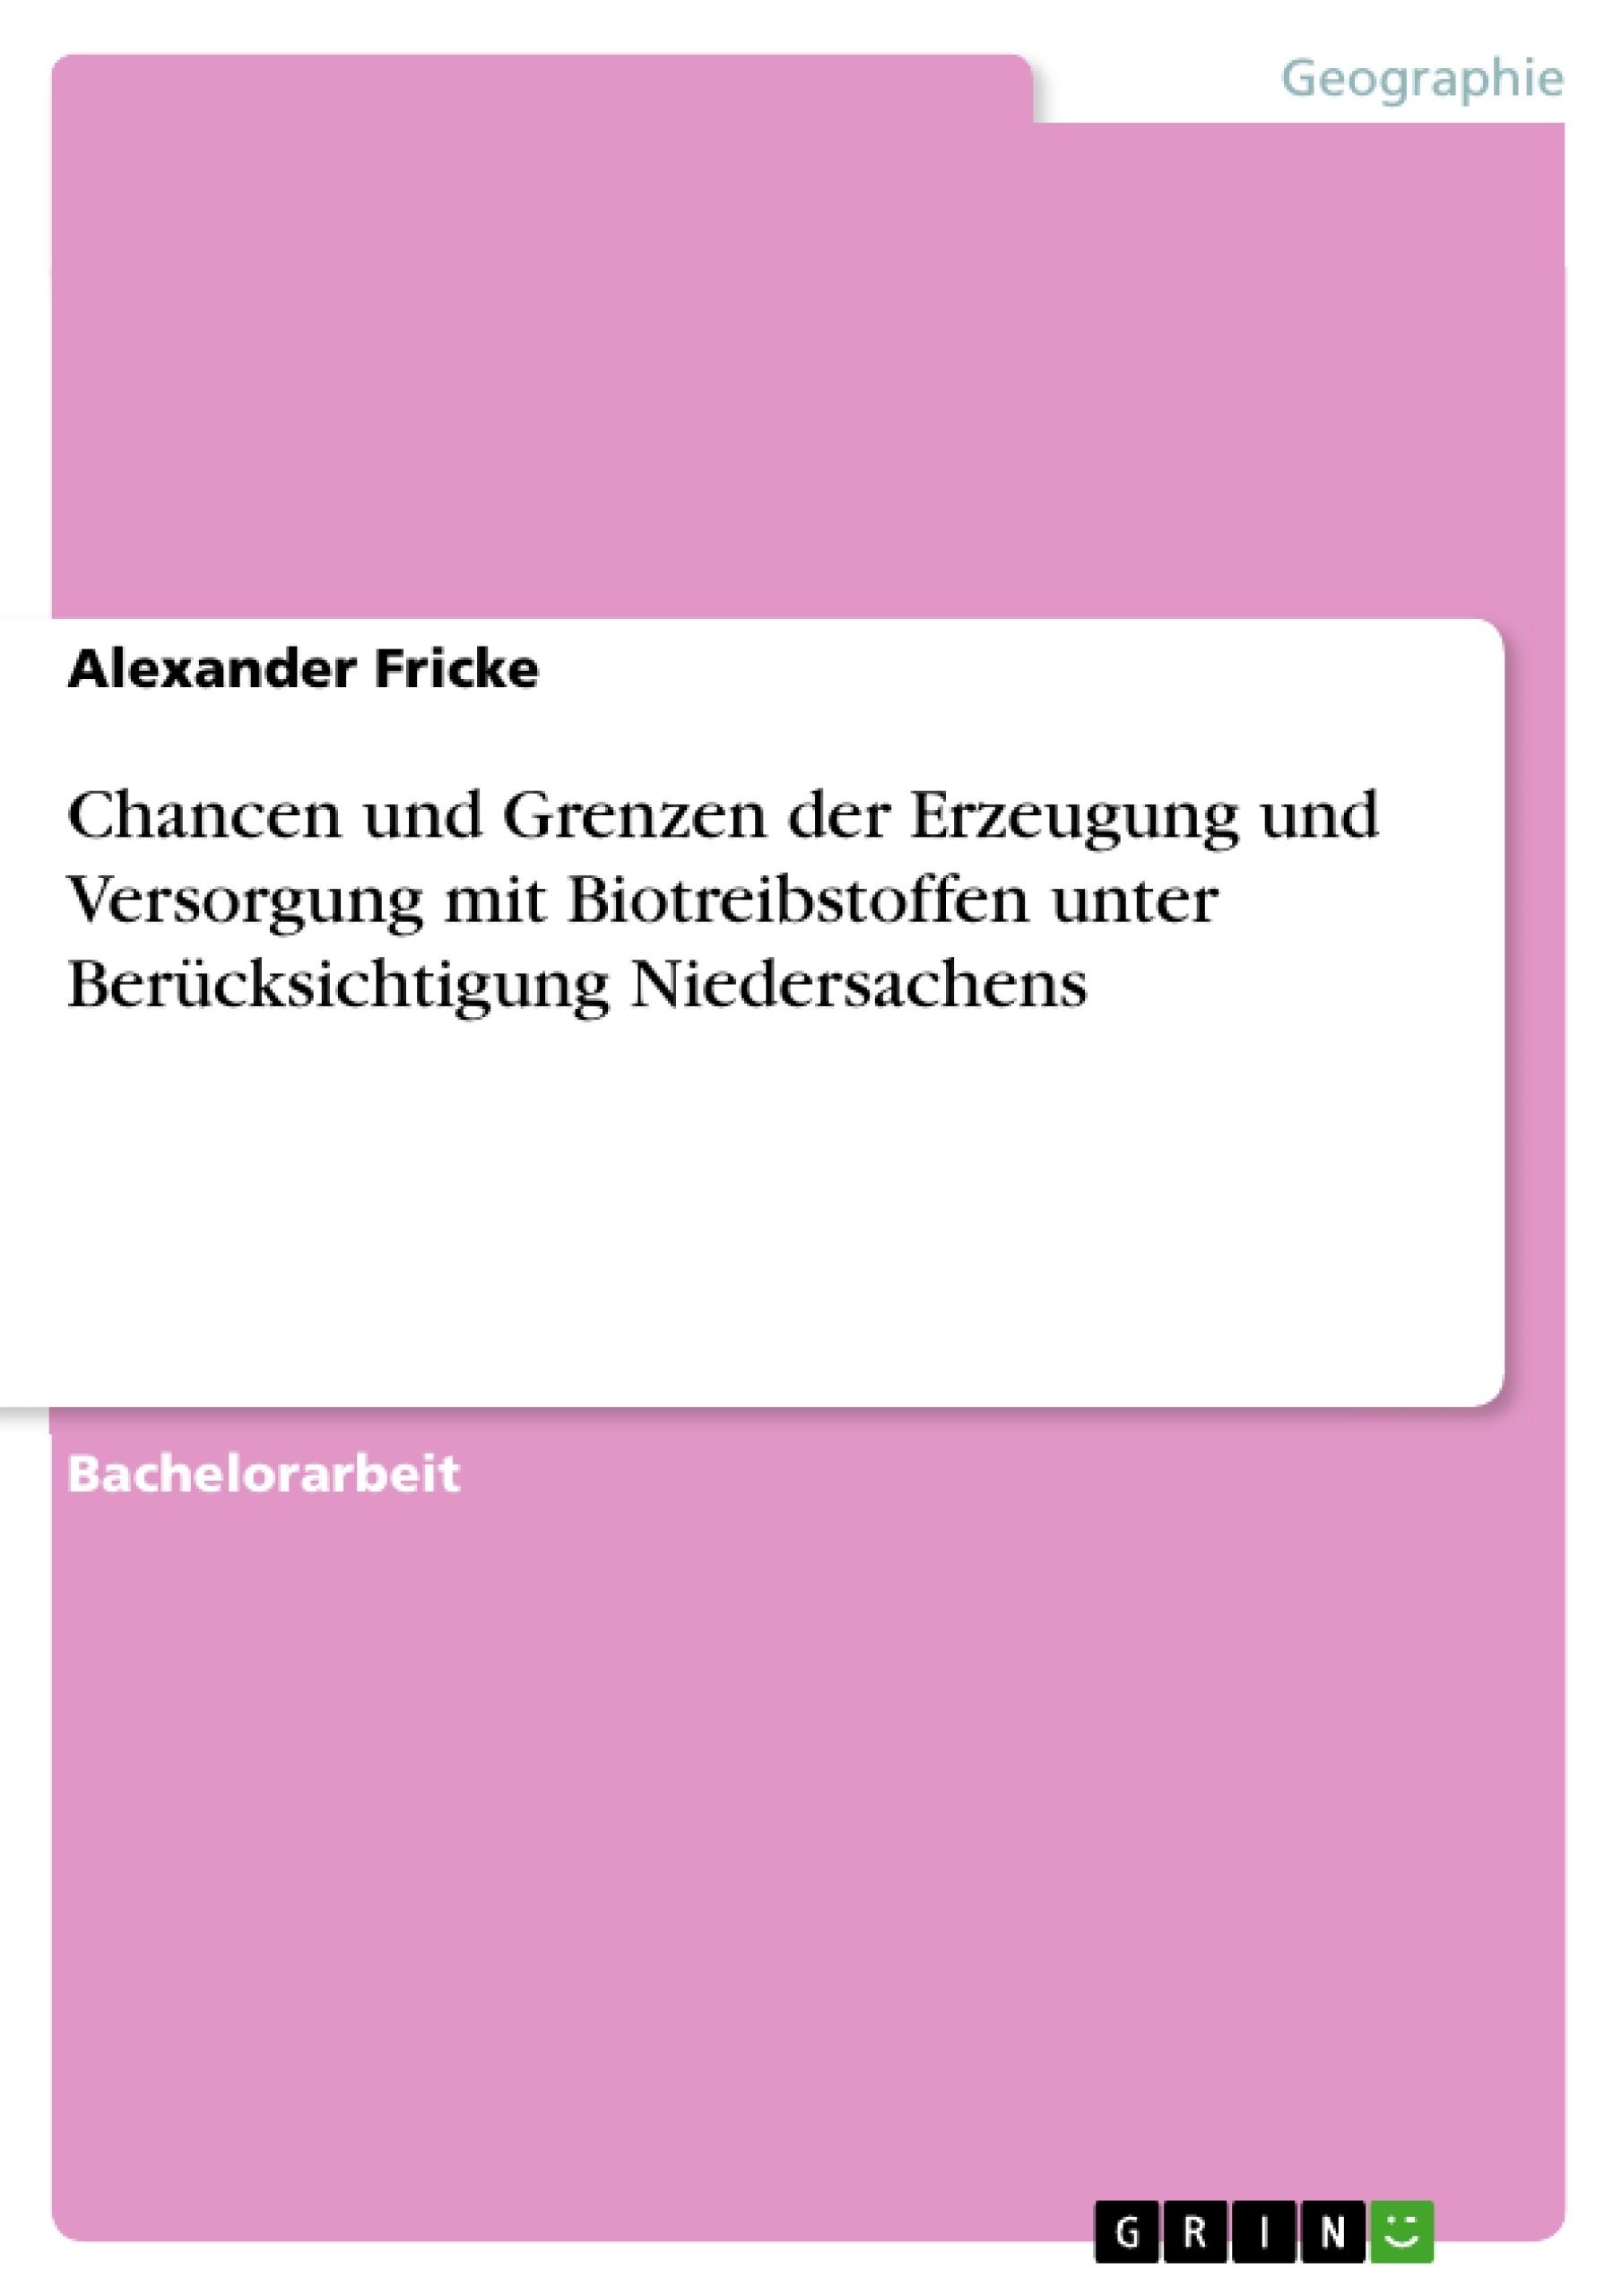 Titel: Chancen und Grenzen der Erzeugung und Versorgung mit Biotreibstoffen unter Berücksichtigung Niedersachens